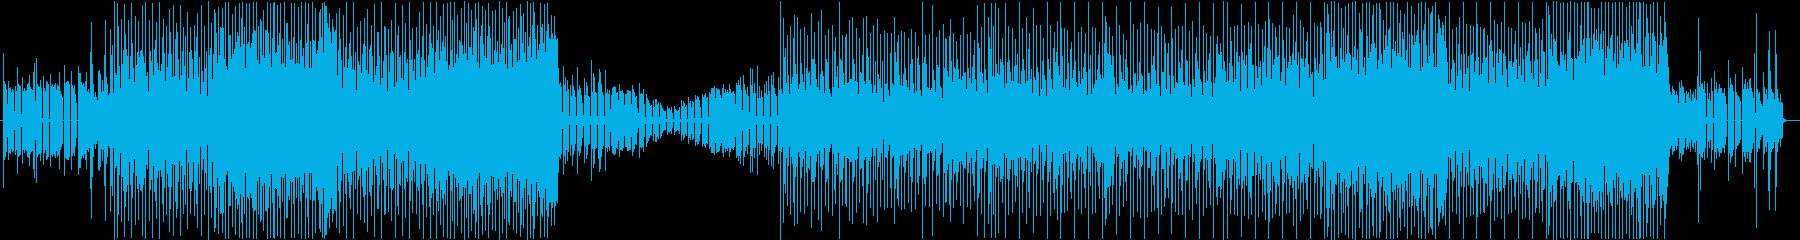 バトルシーンをイメージした電子音楽の再生済みの波形